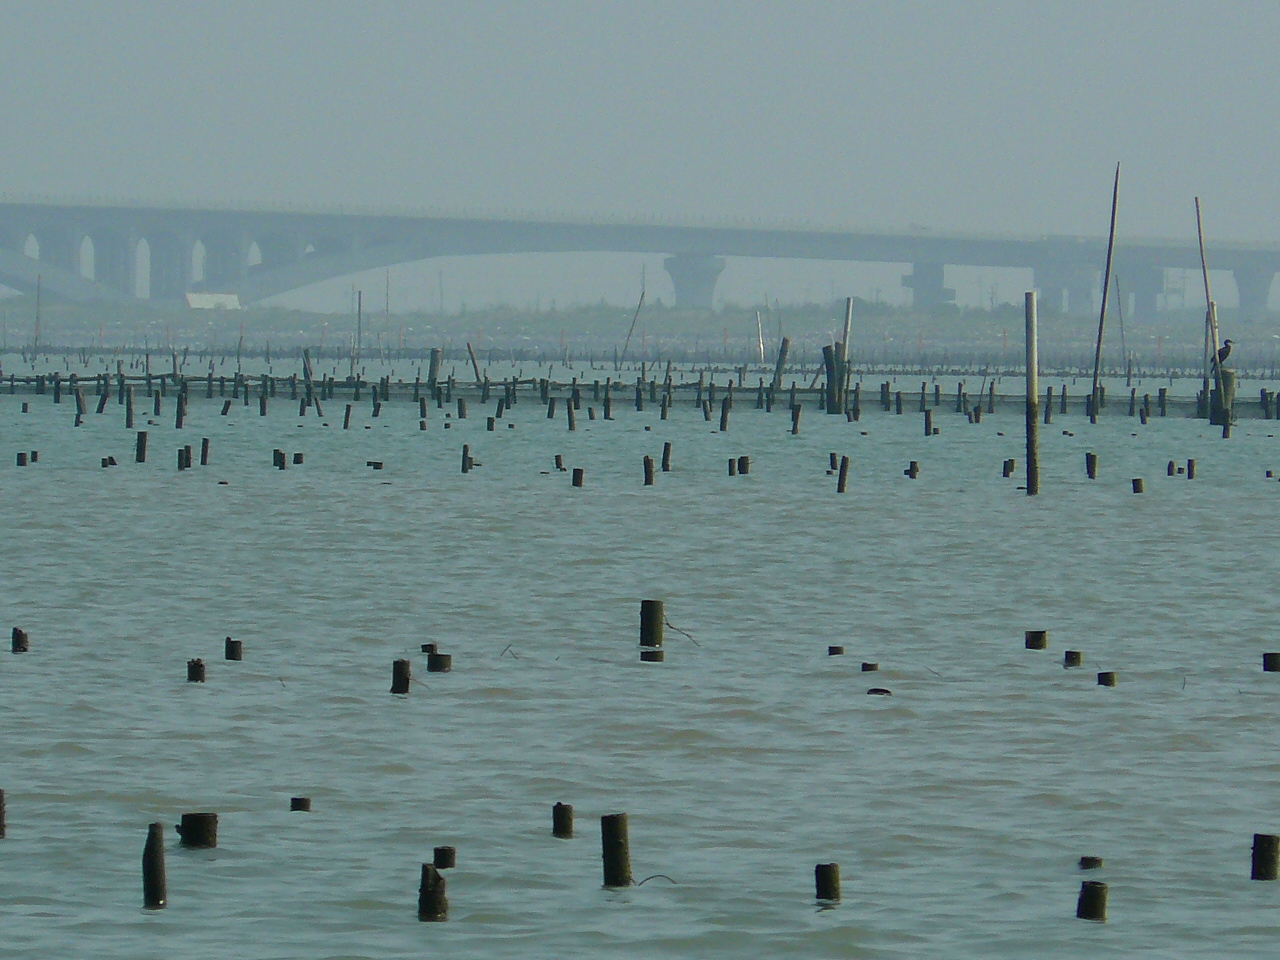 遠眺七股潟湖(照片提供:台南市生態保育學會)